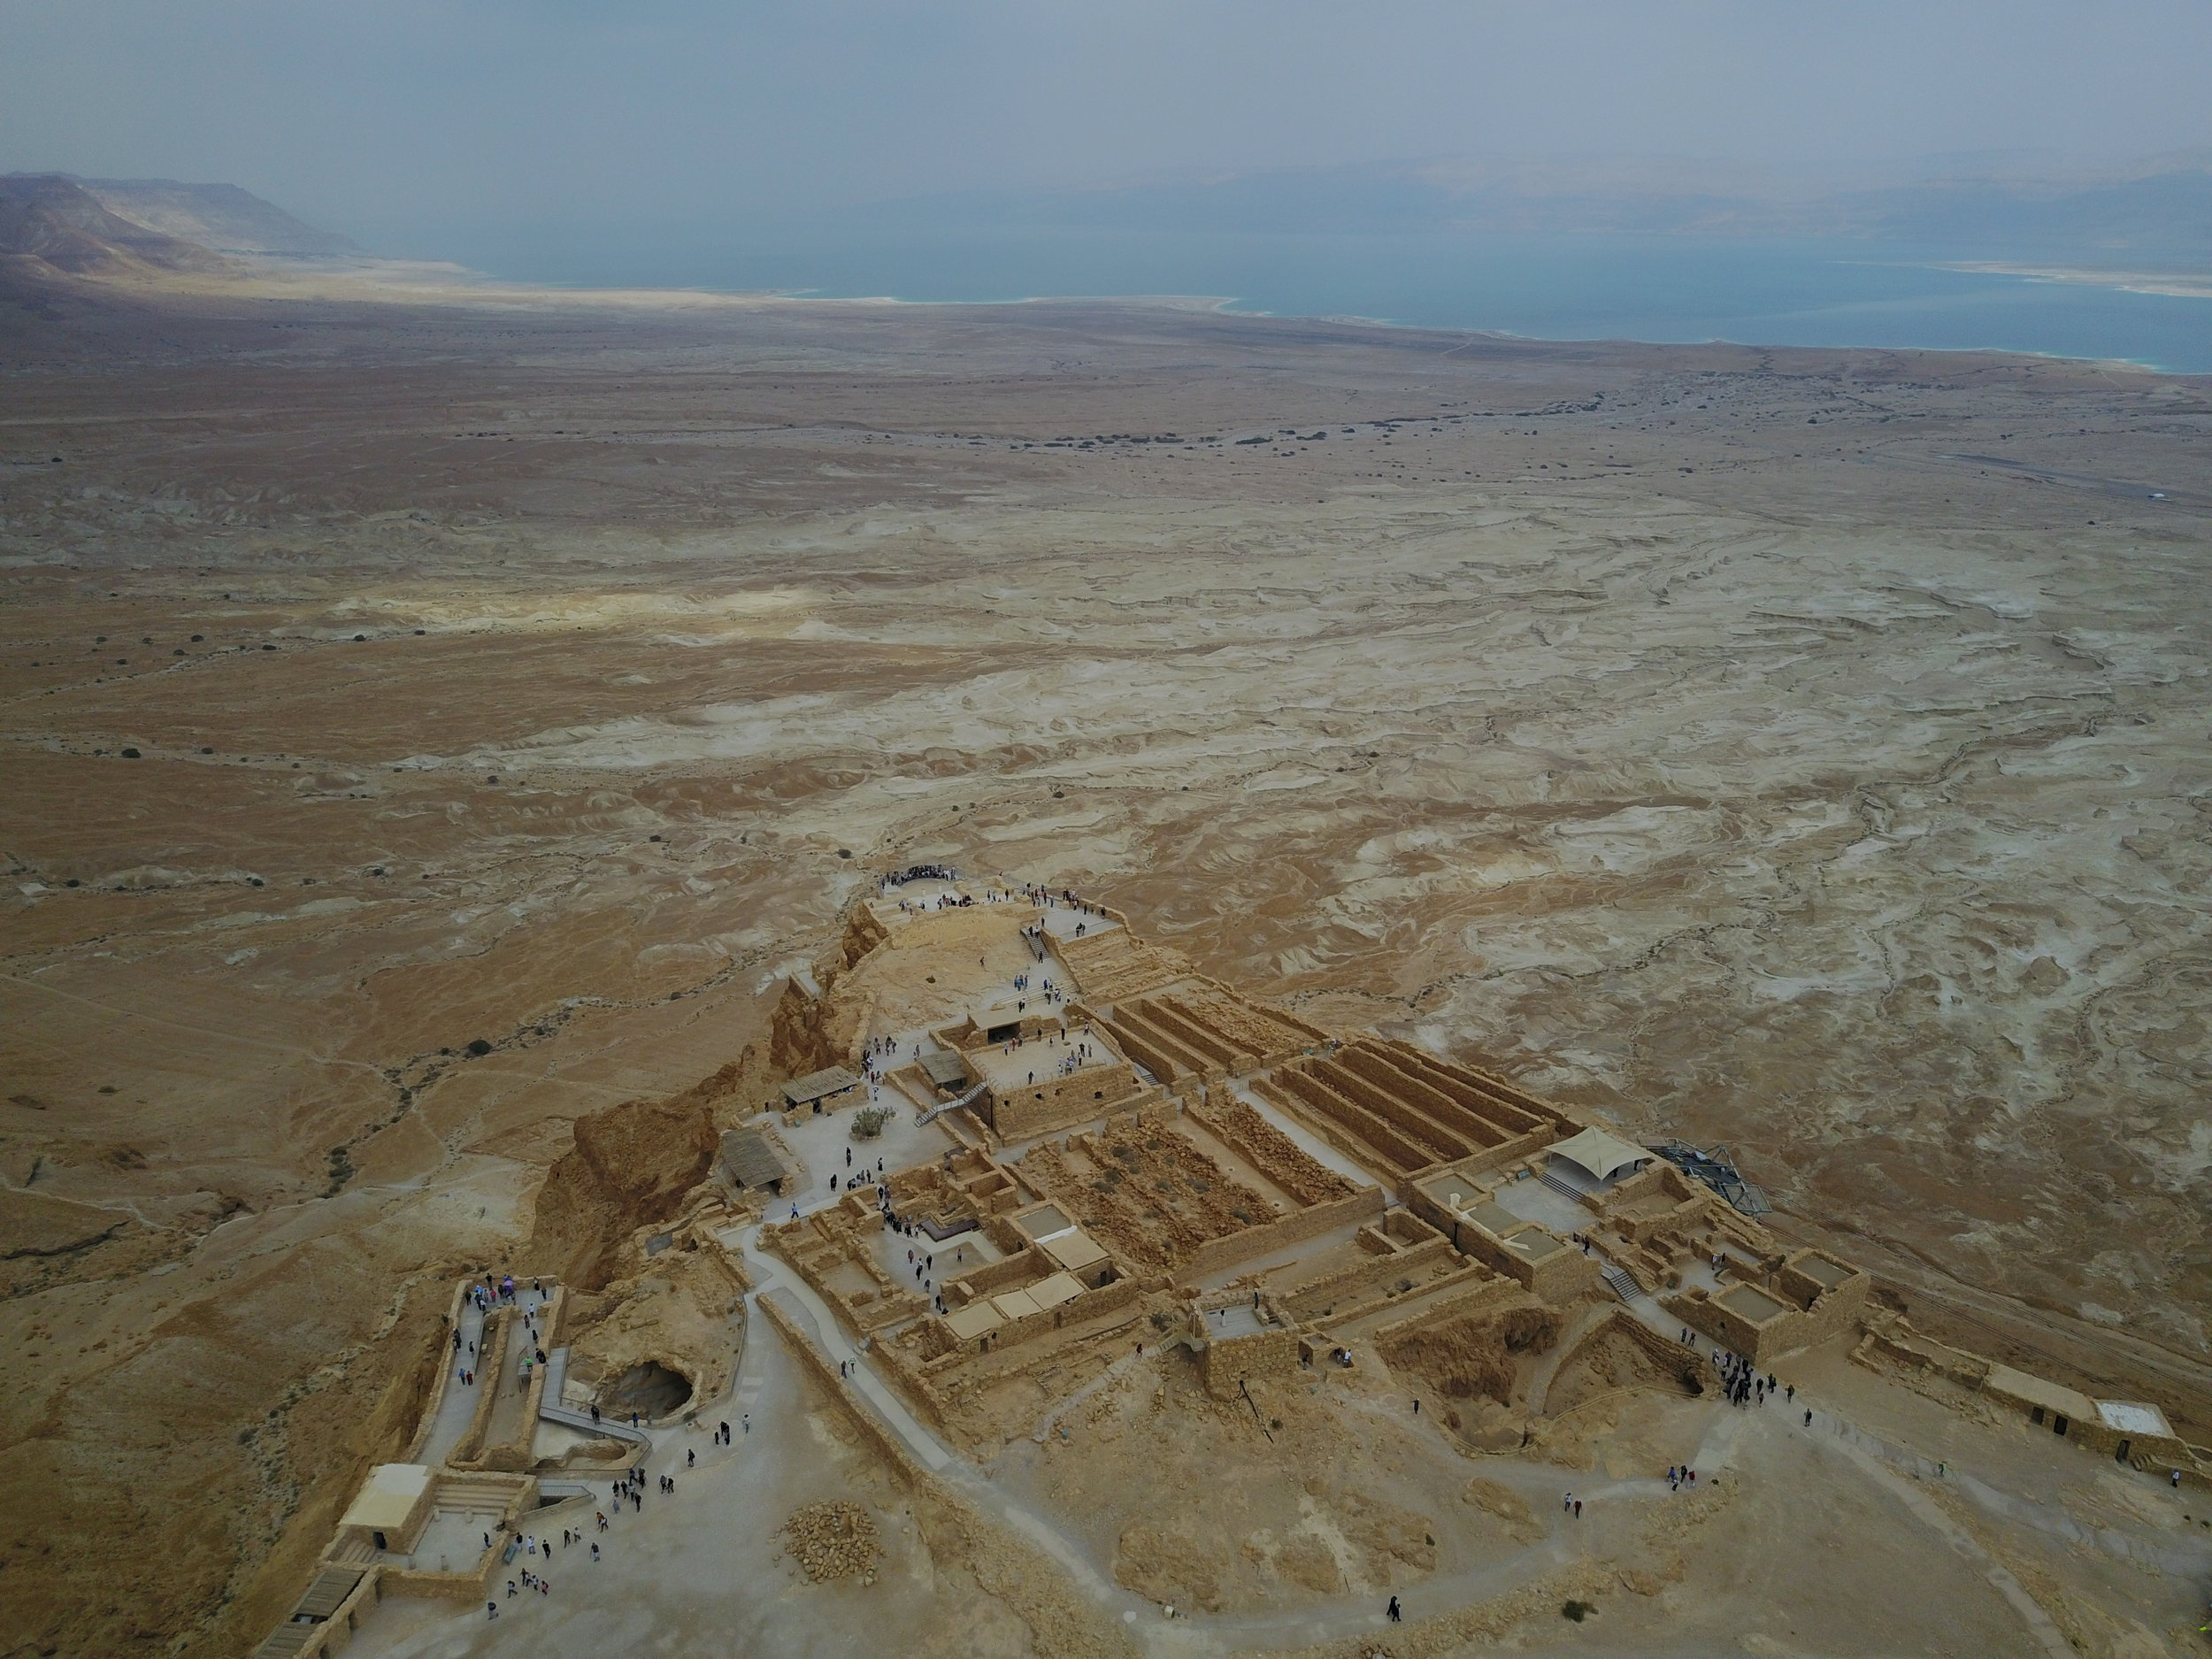 Festung Masada